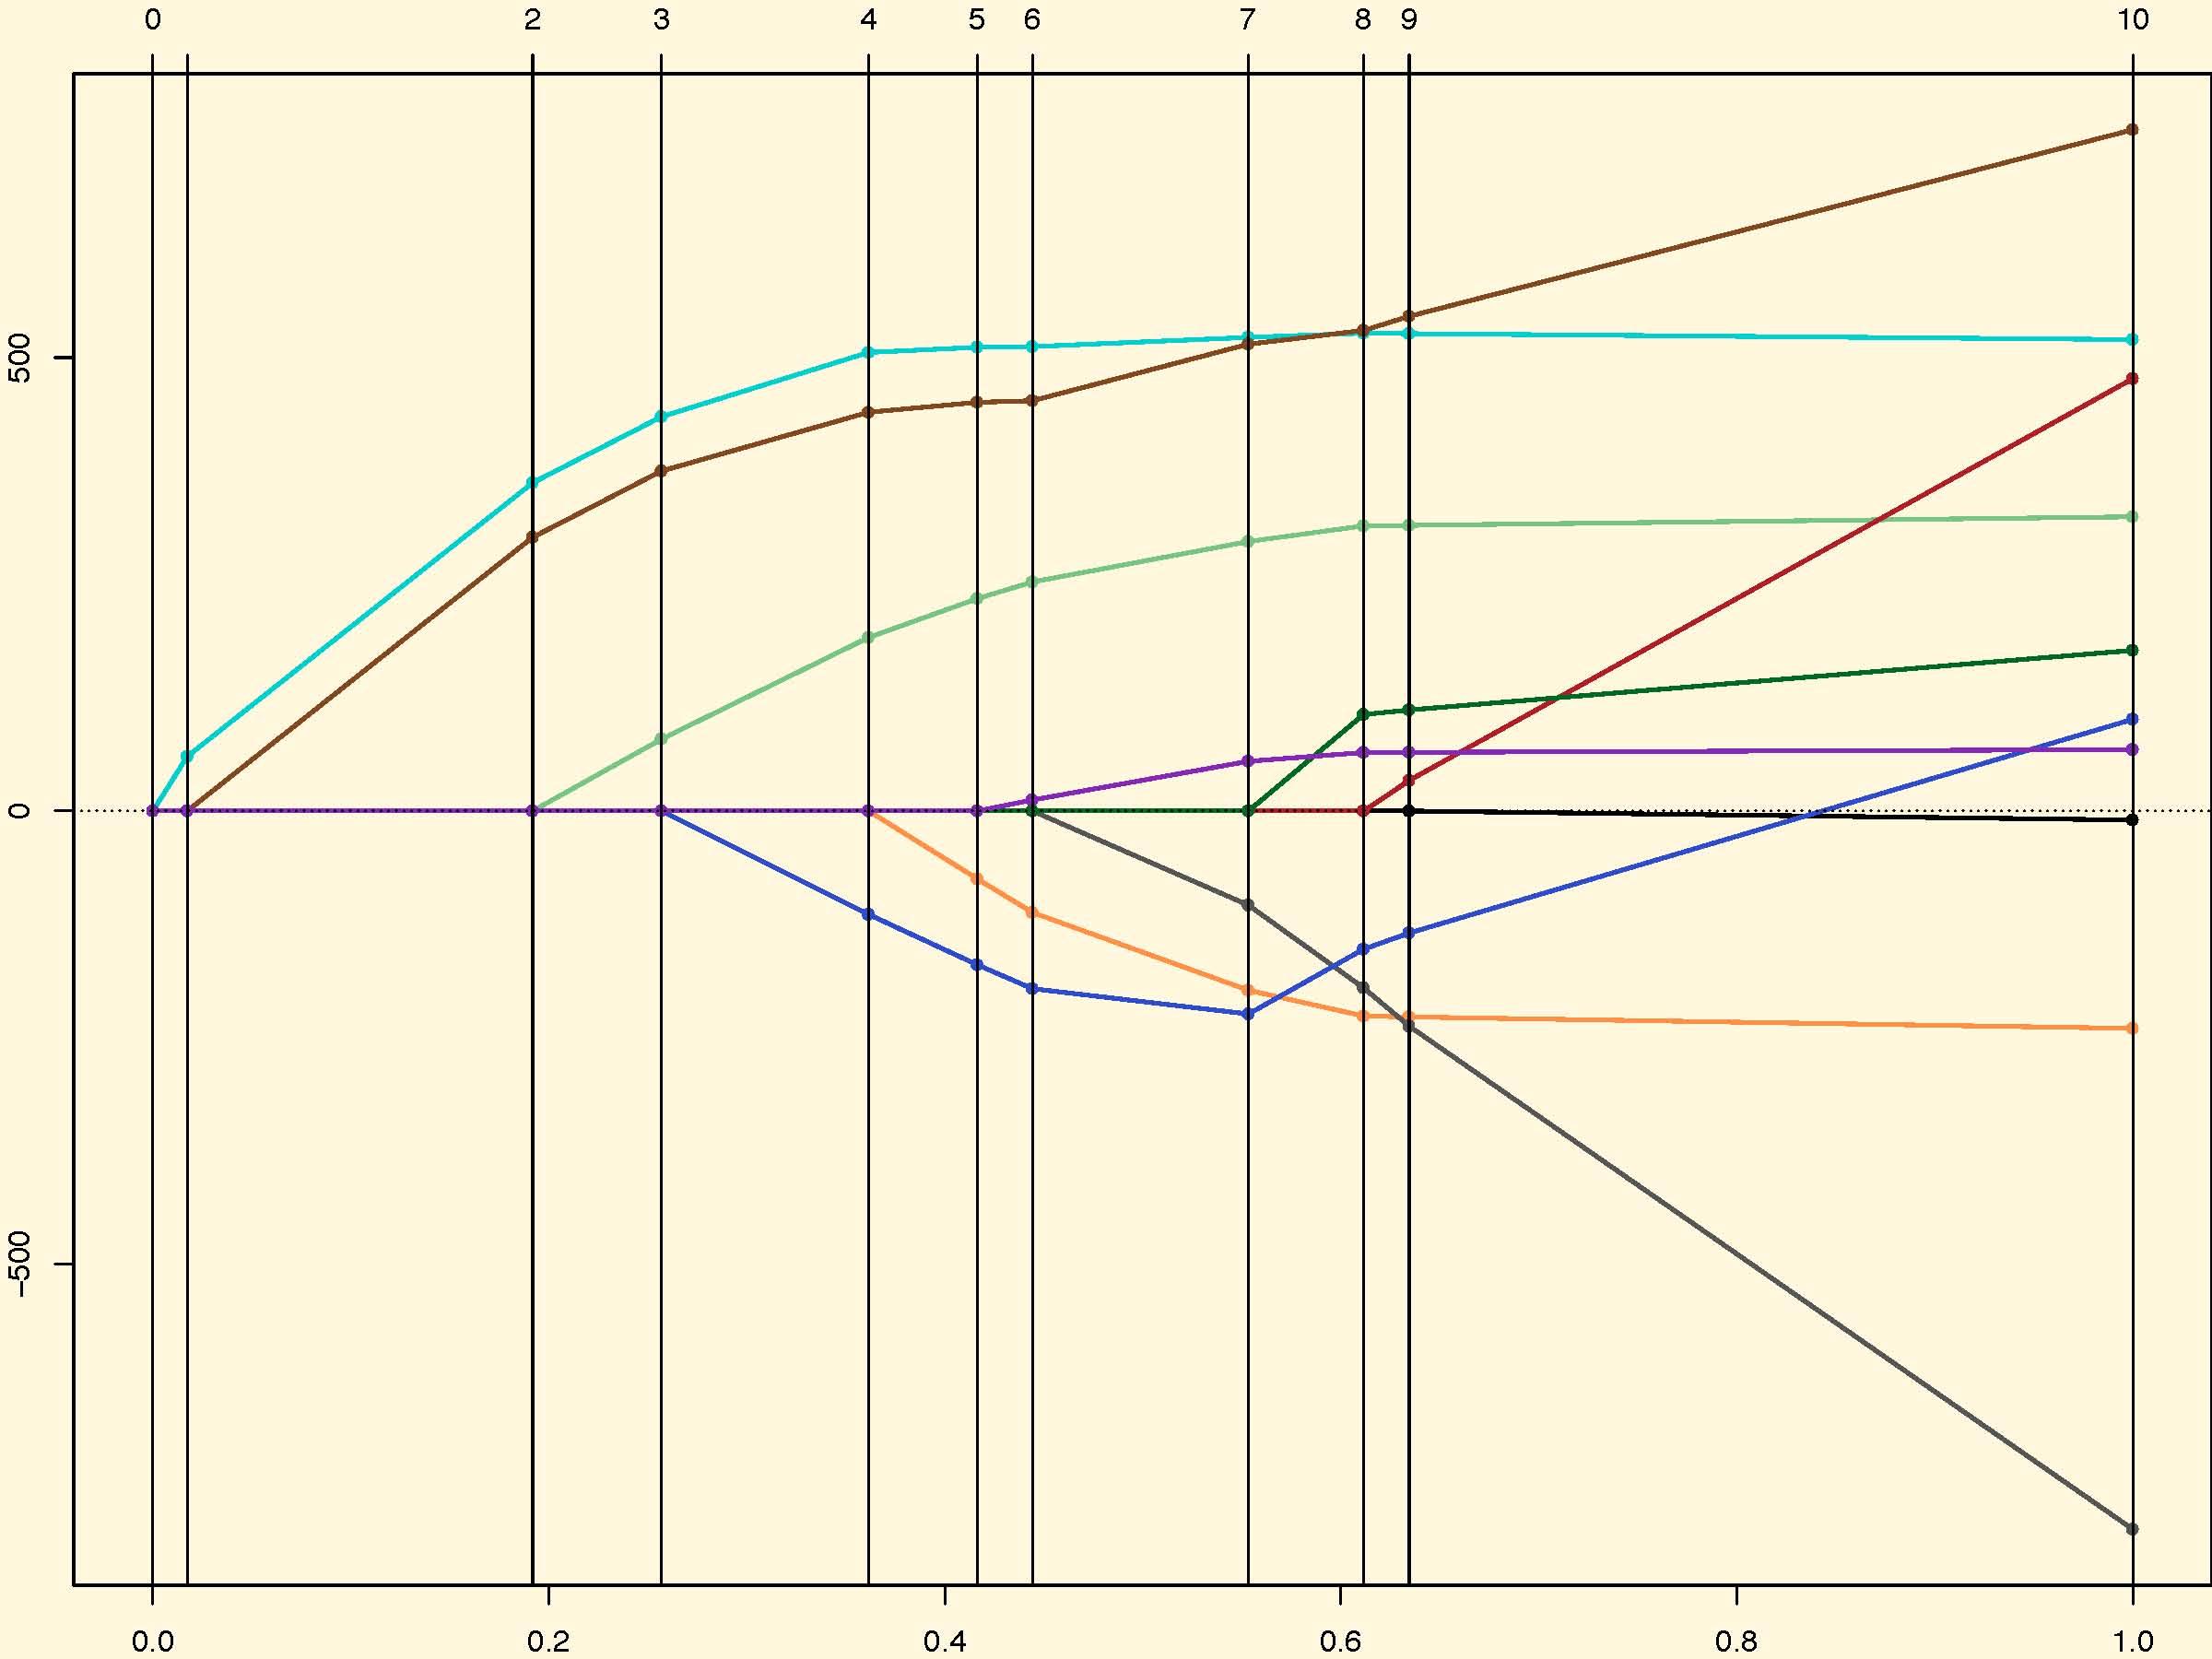 Glmnet in Python